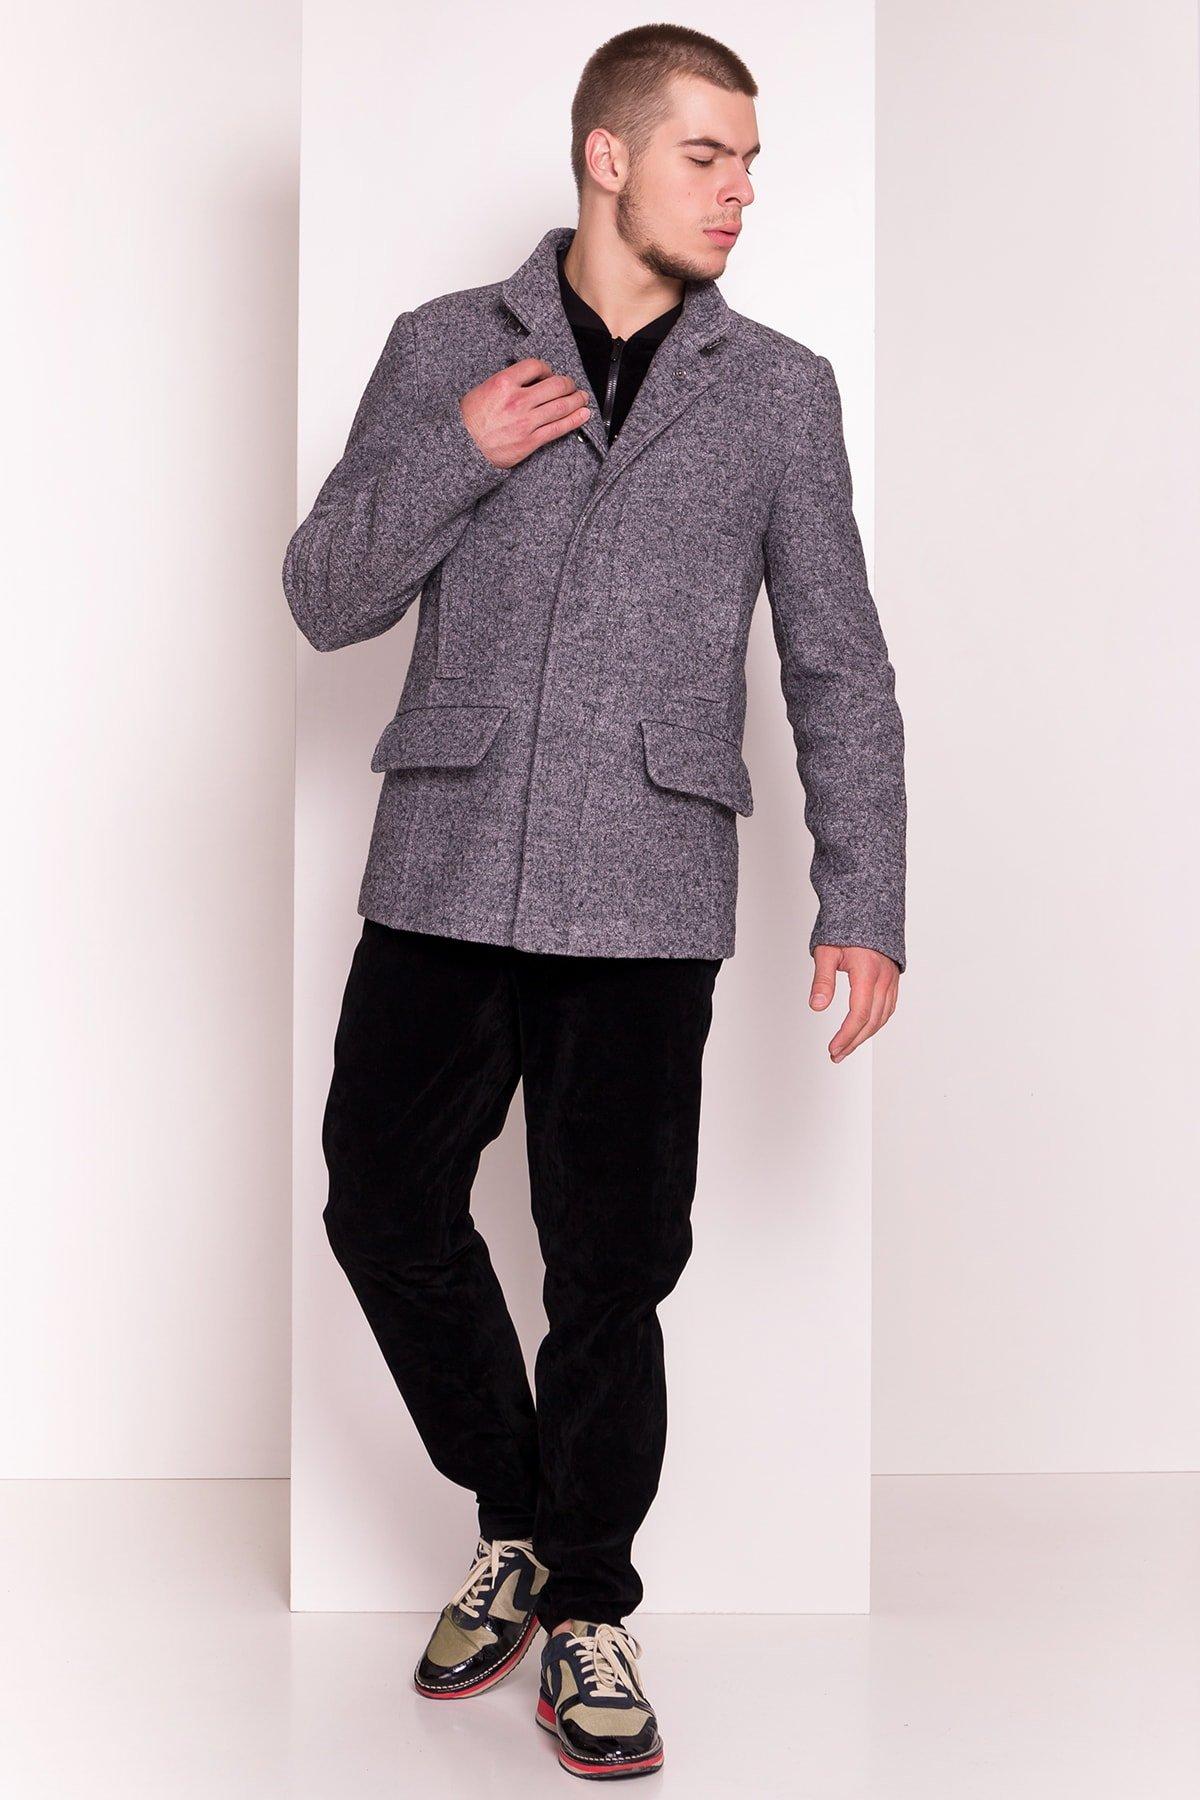 Пальто мужское Купер 5234 Цвет: Серый Темный LW-5